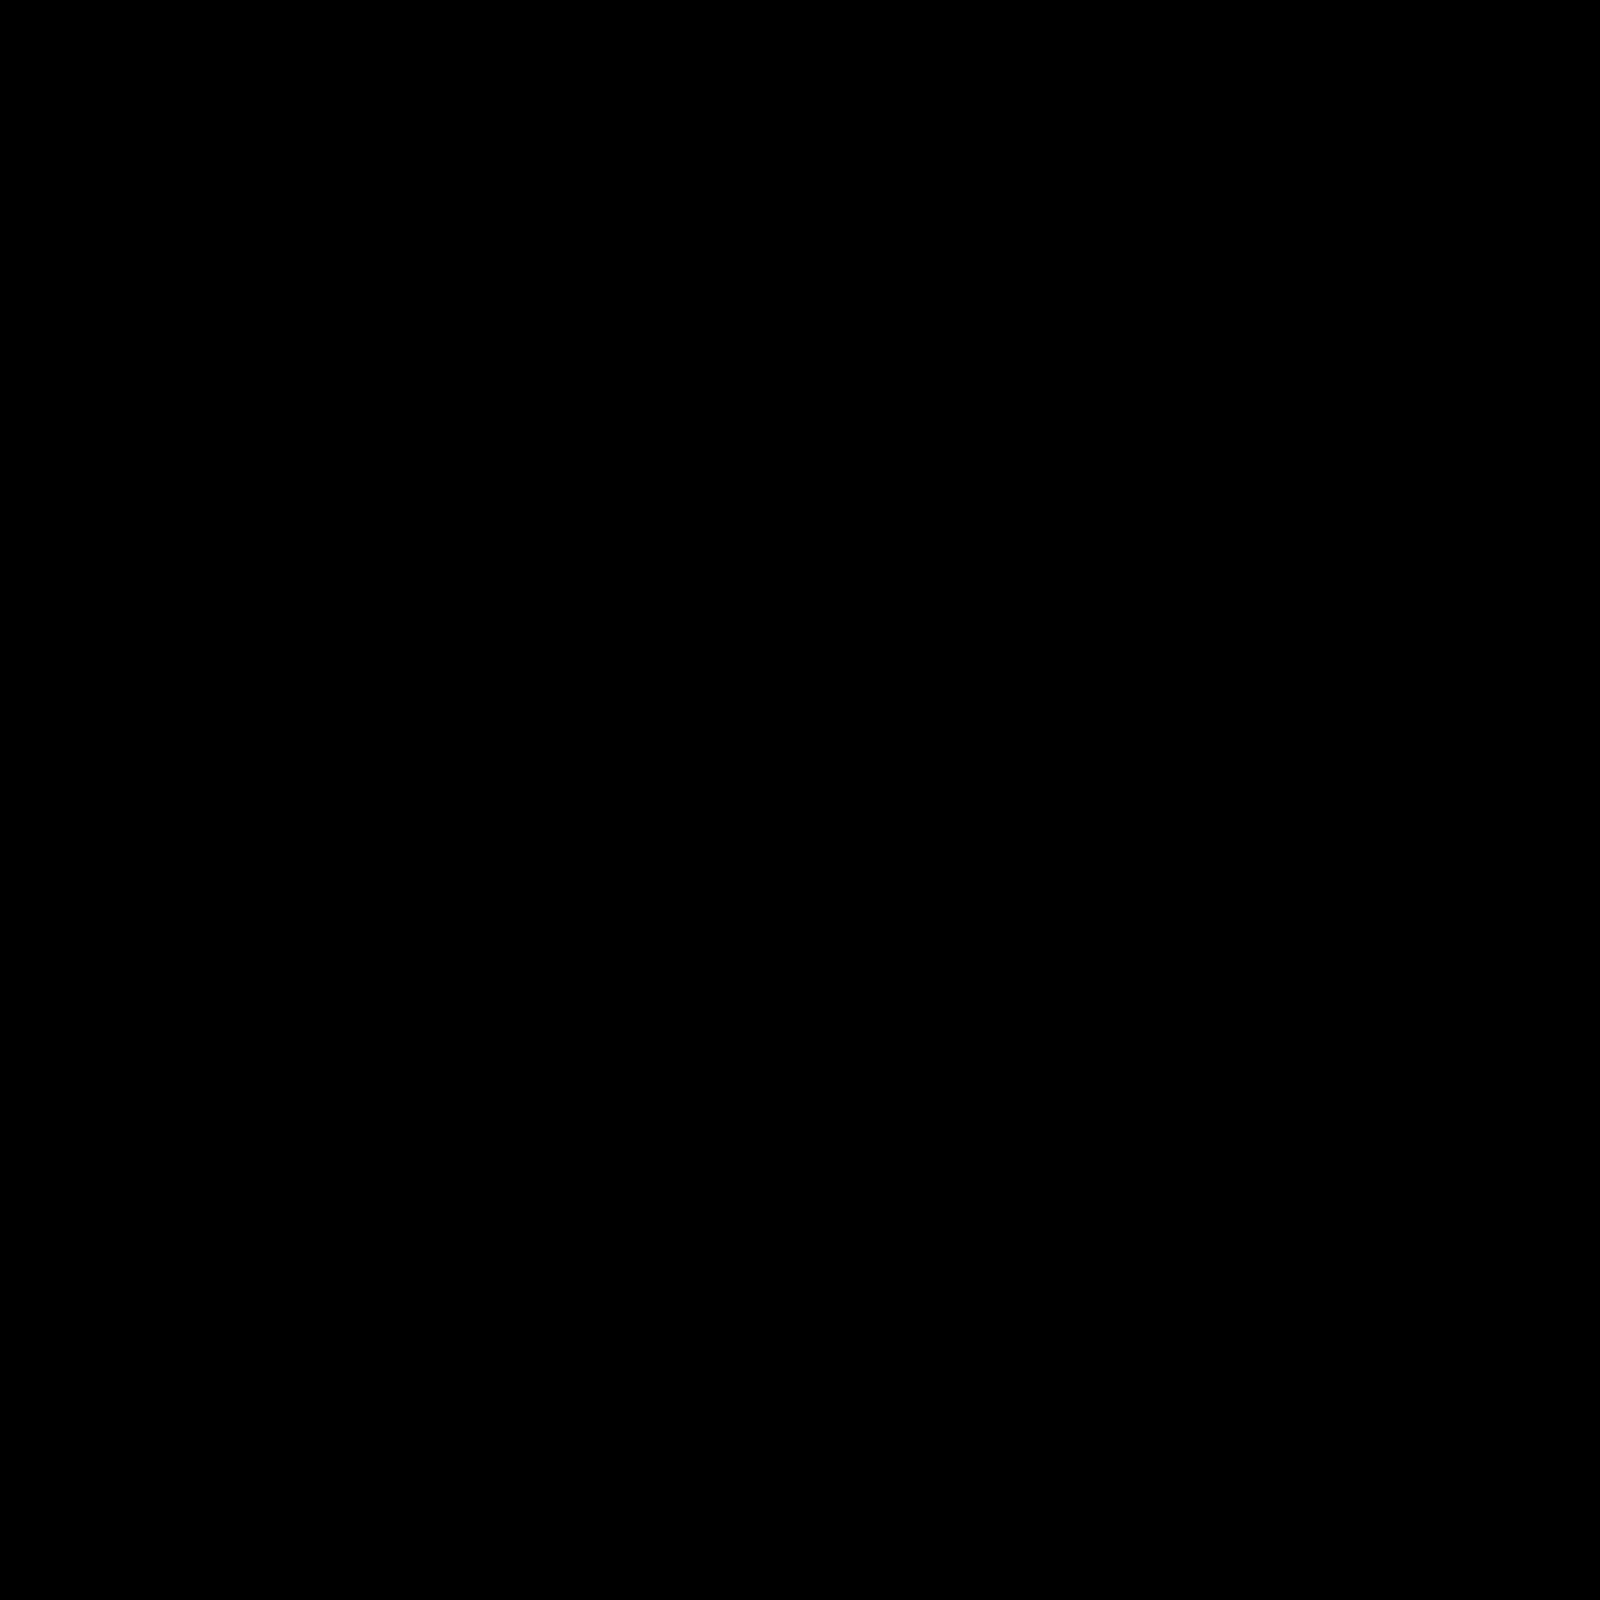 Światła zewnętrzne icon